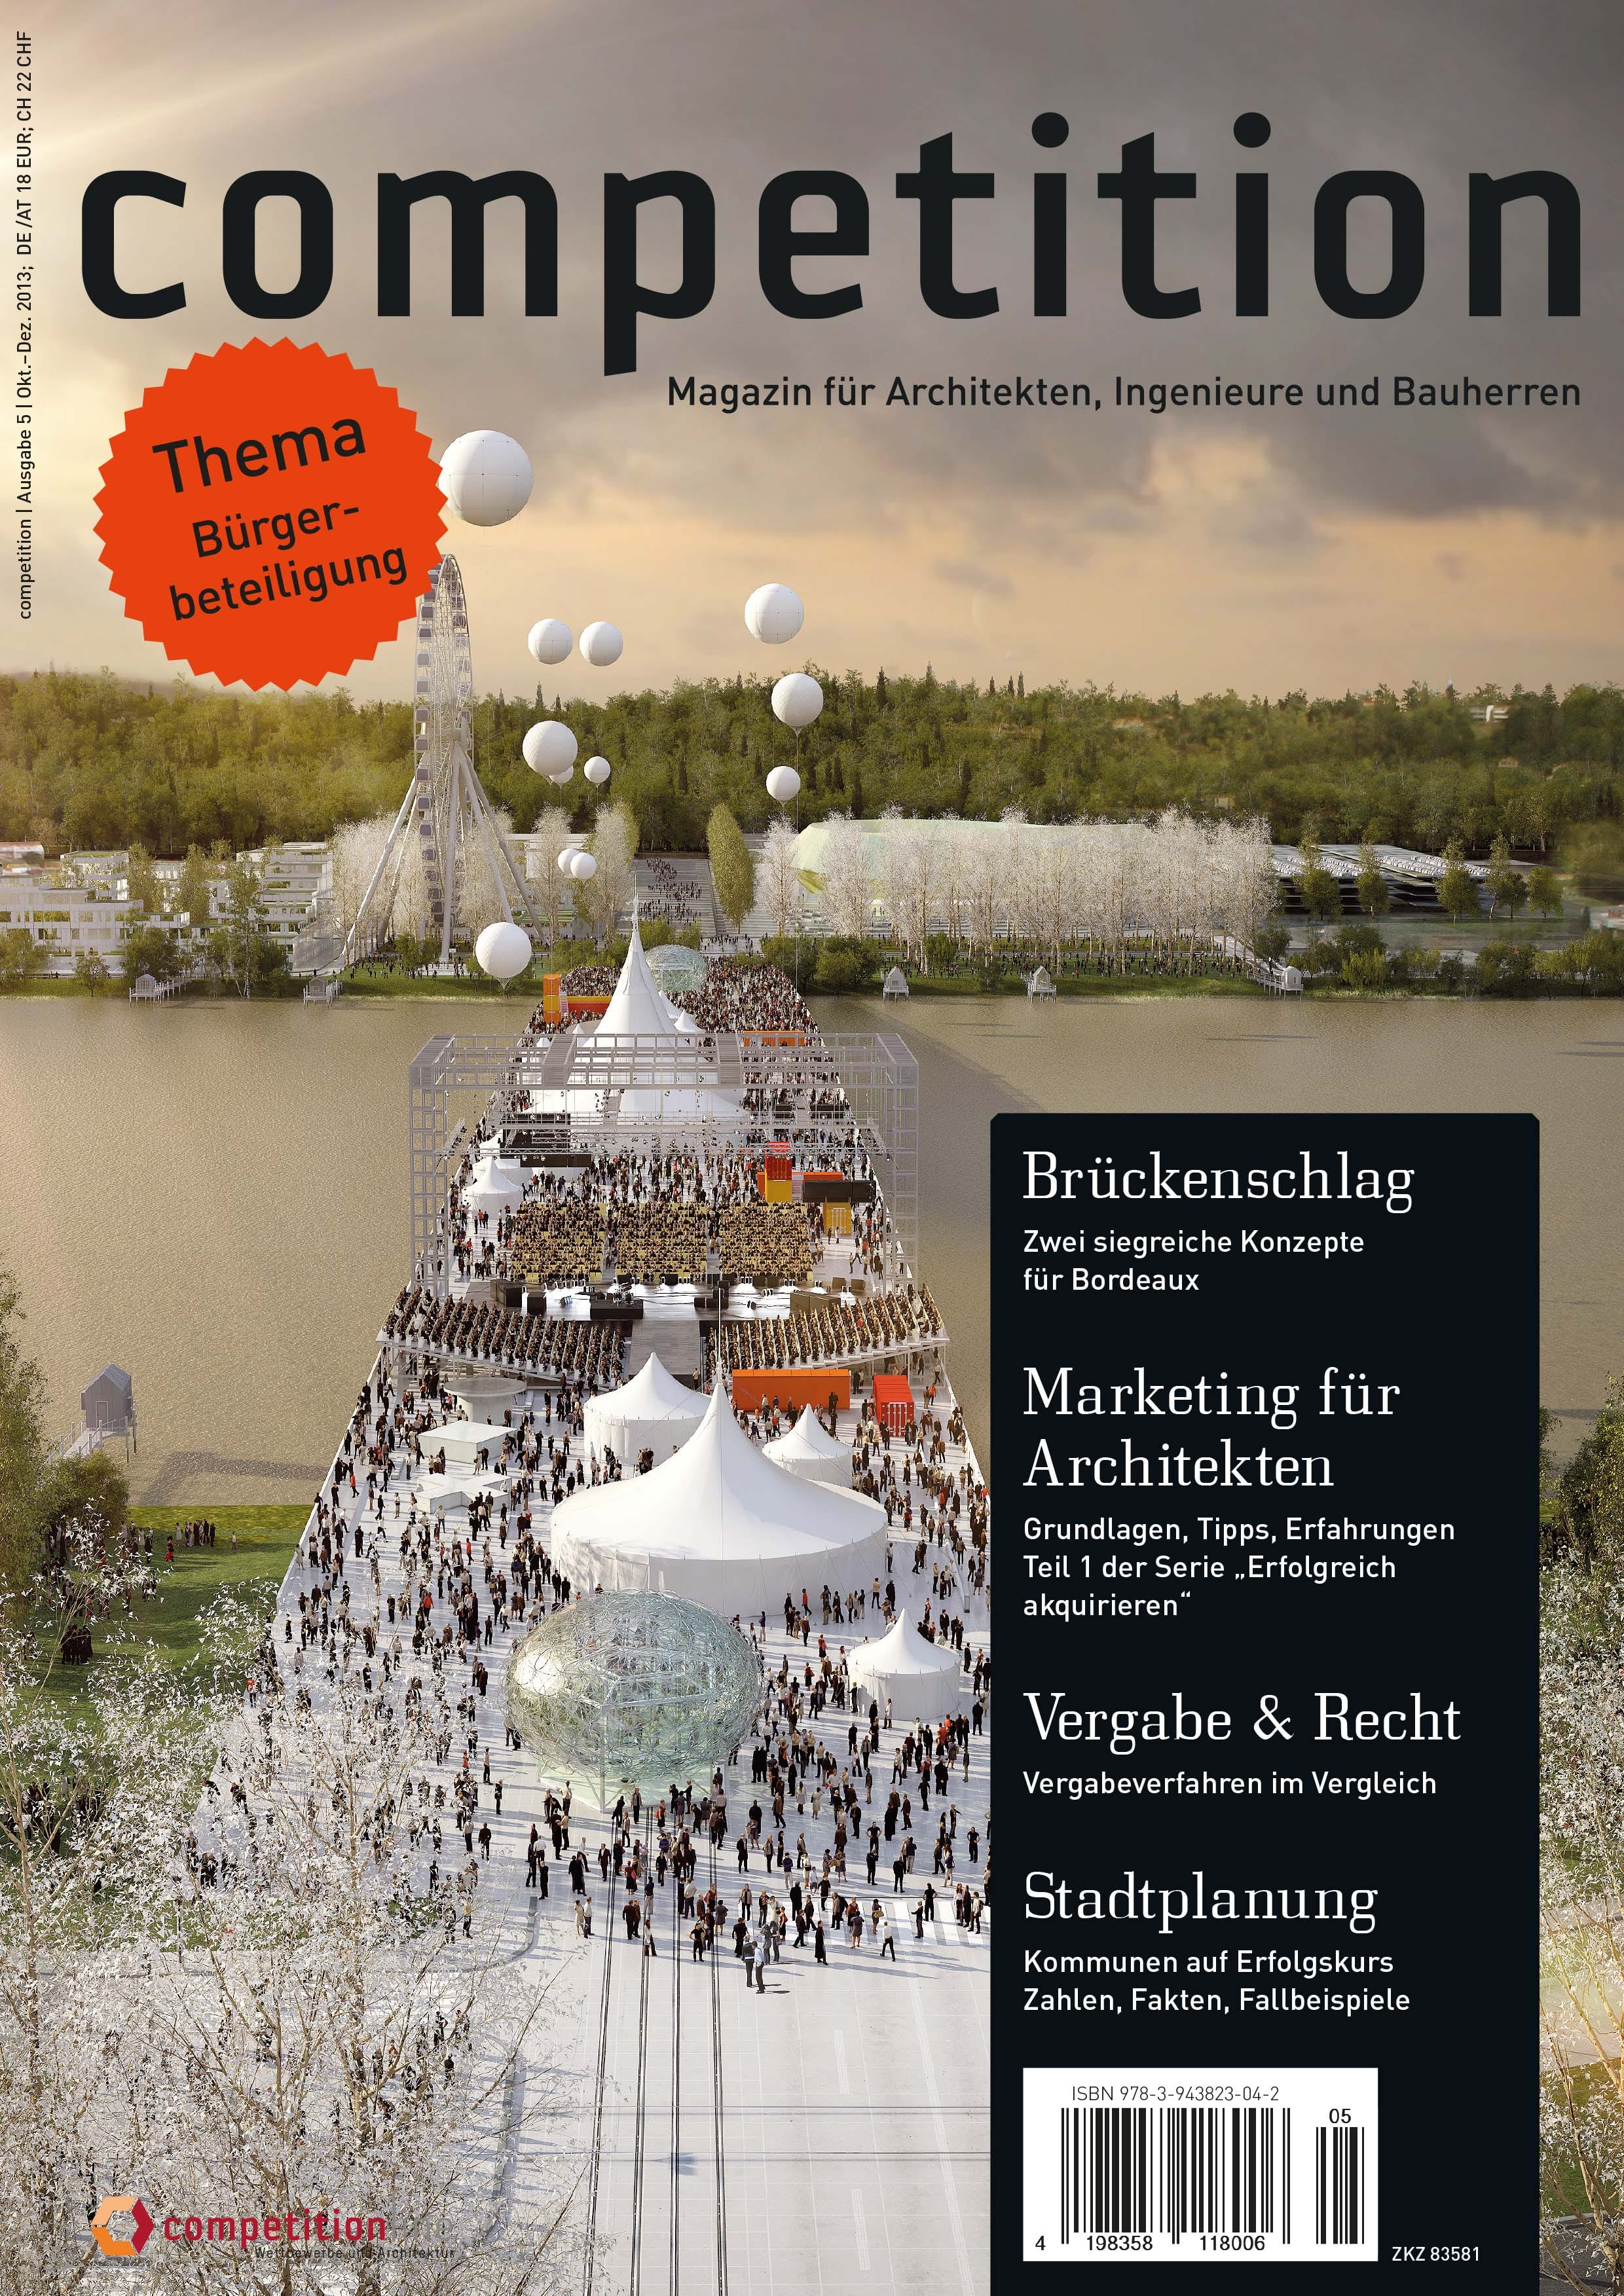 Architektur Magazin schwerpunkt stadtplanung ausgabe 5 der zeitschrift competition